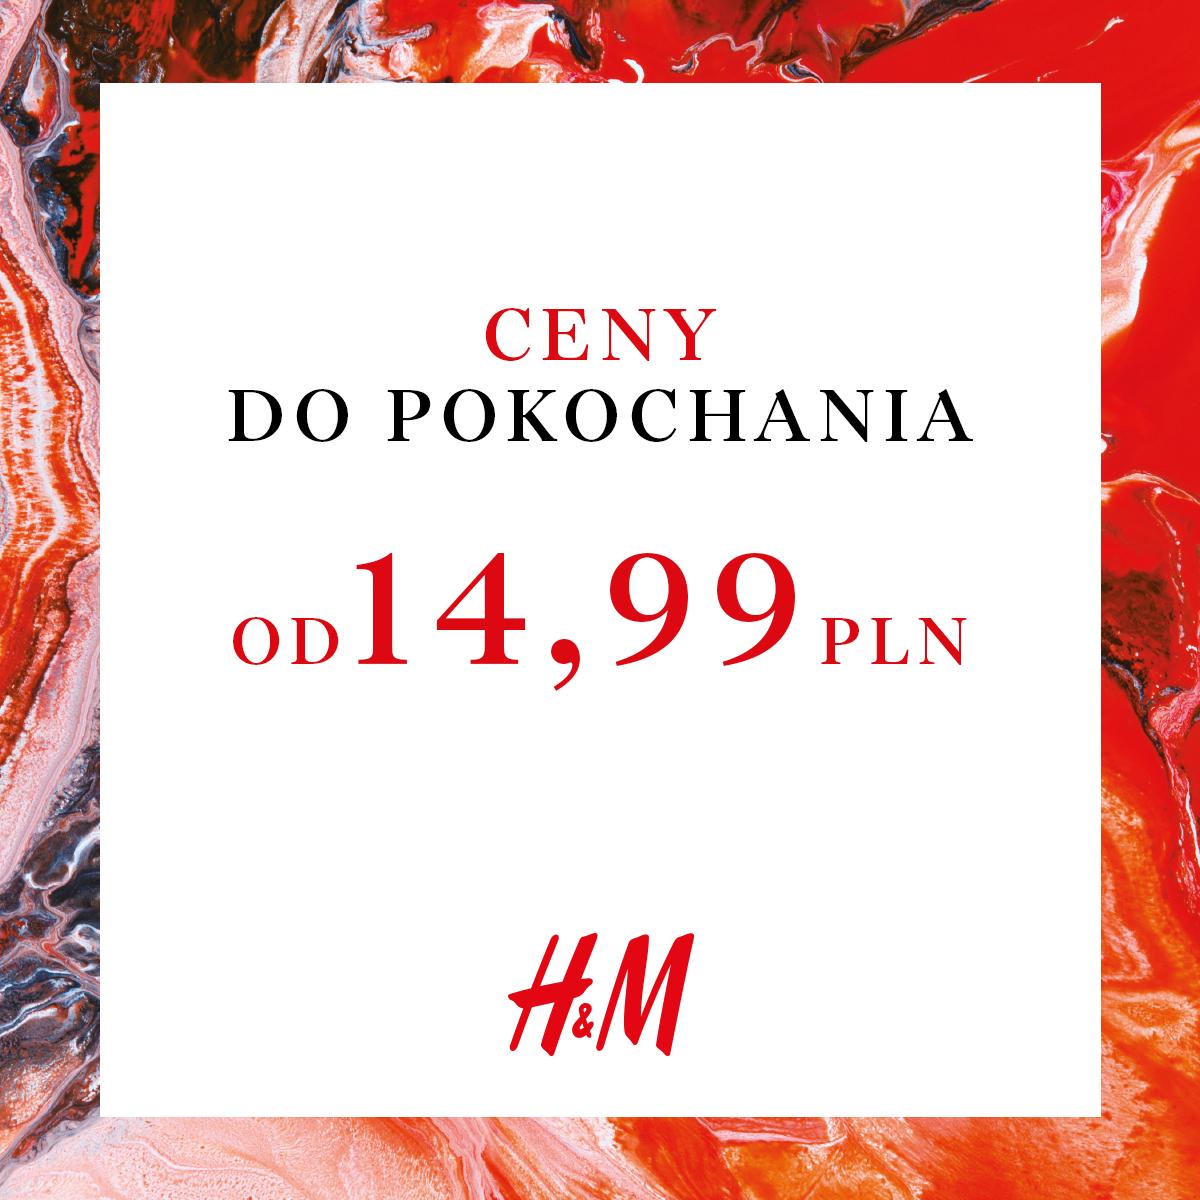 H&M prezentuje: ubrania w cenach, które pokochasz